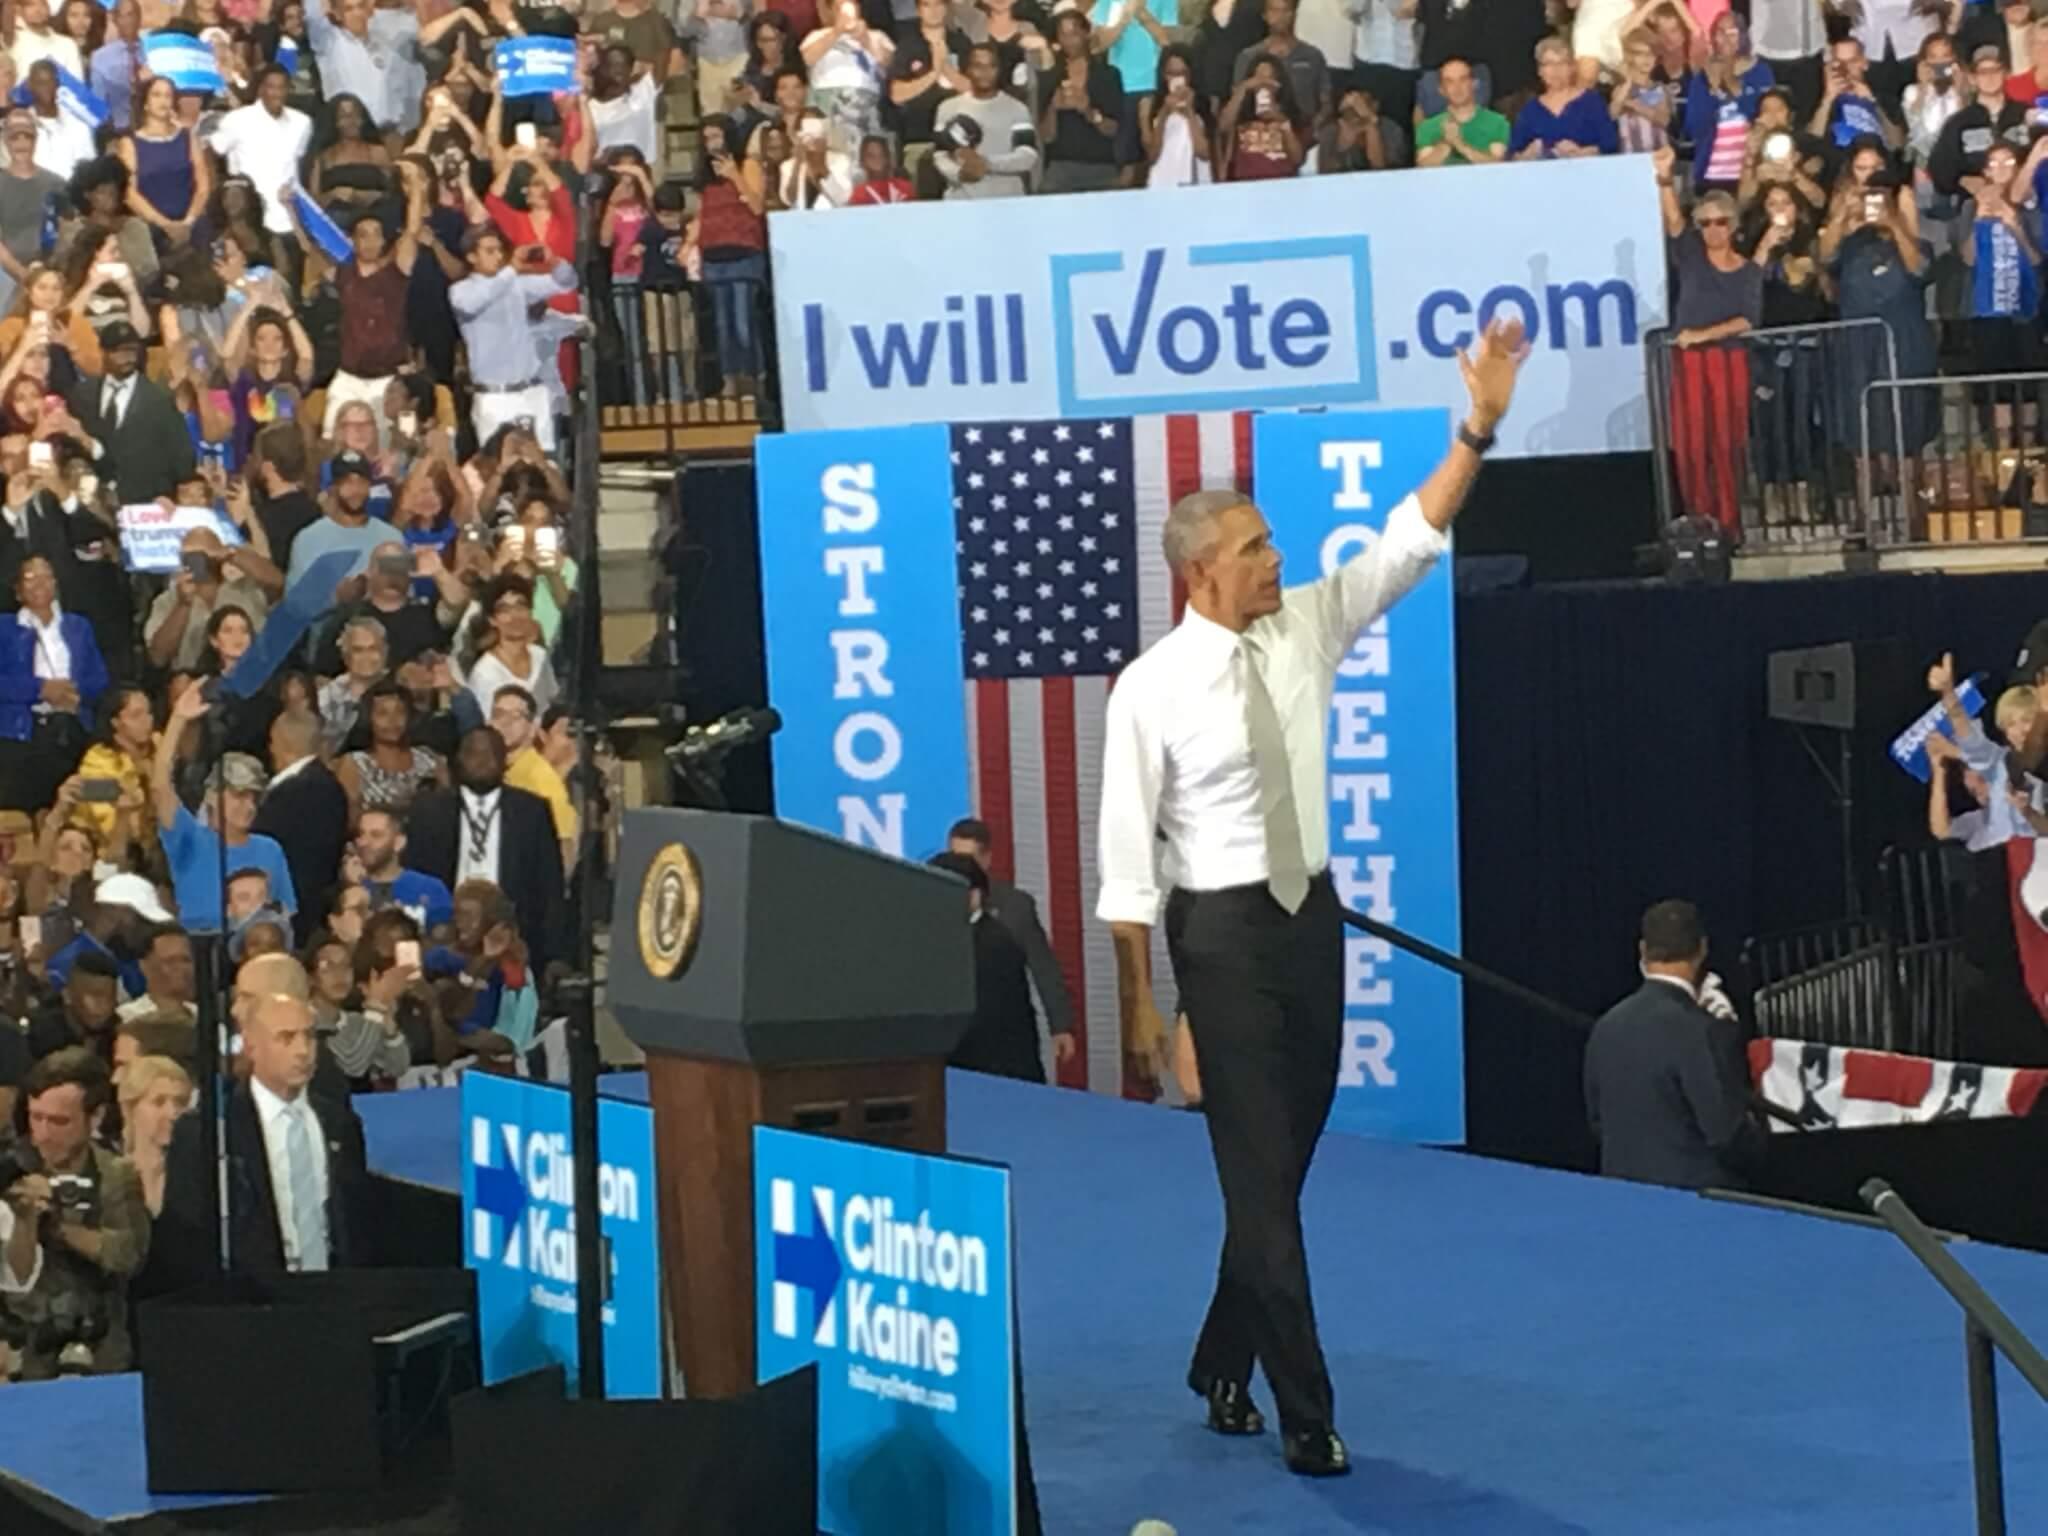 Obama visits Clinton Rally at UCF